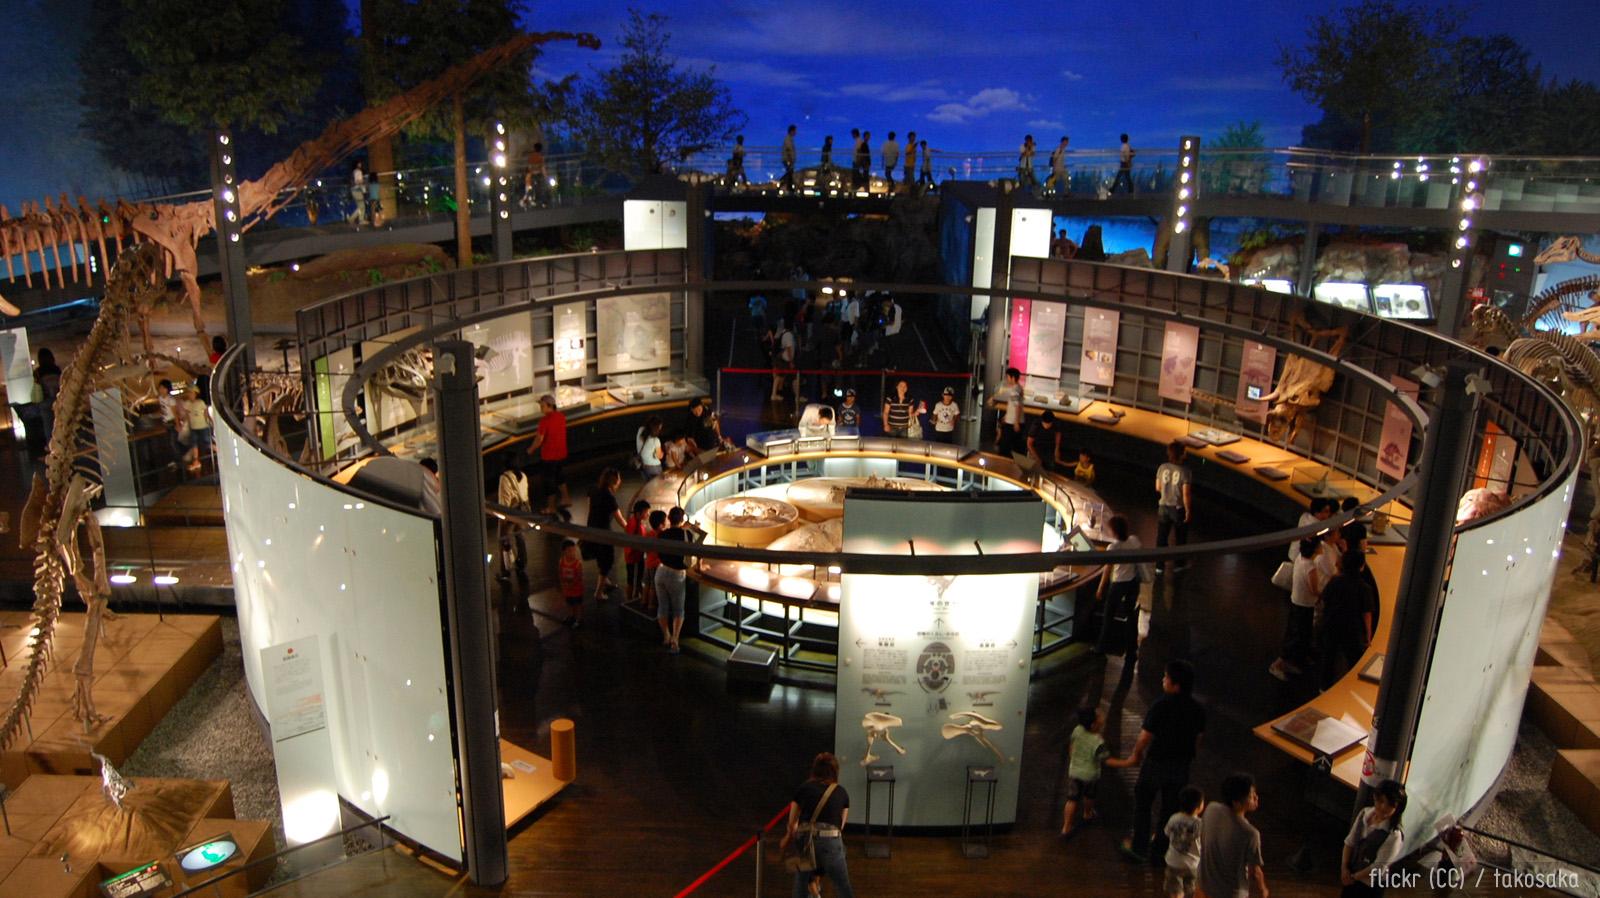 Sisäkuva museosta